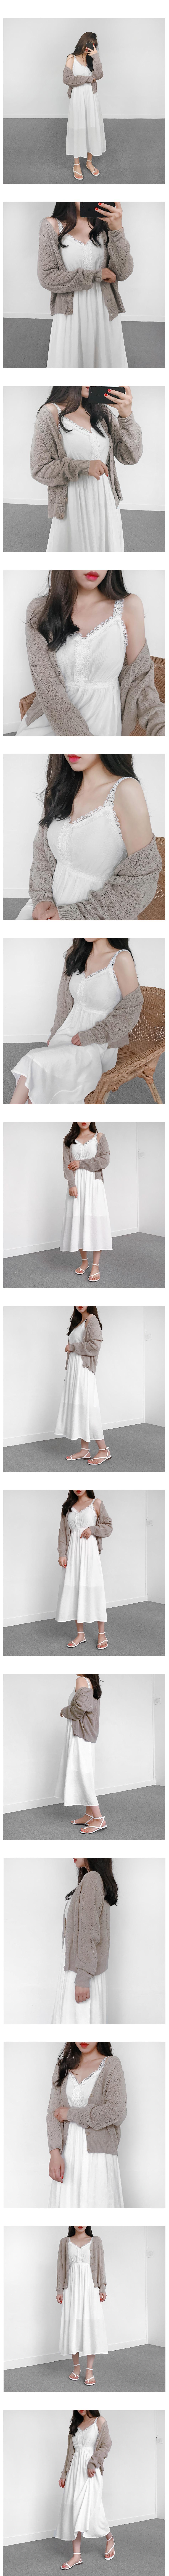 Lone Lace Long Dress